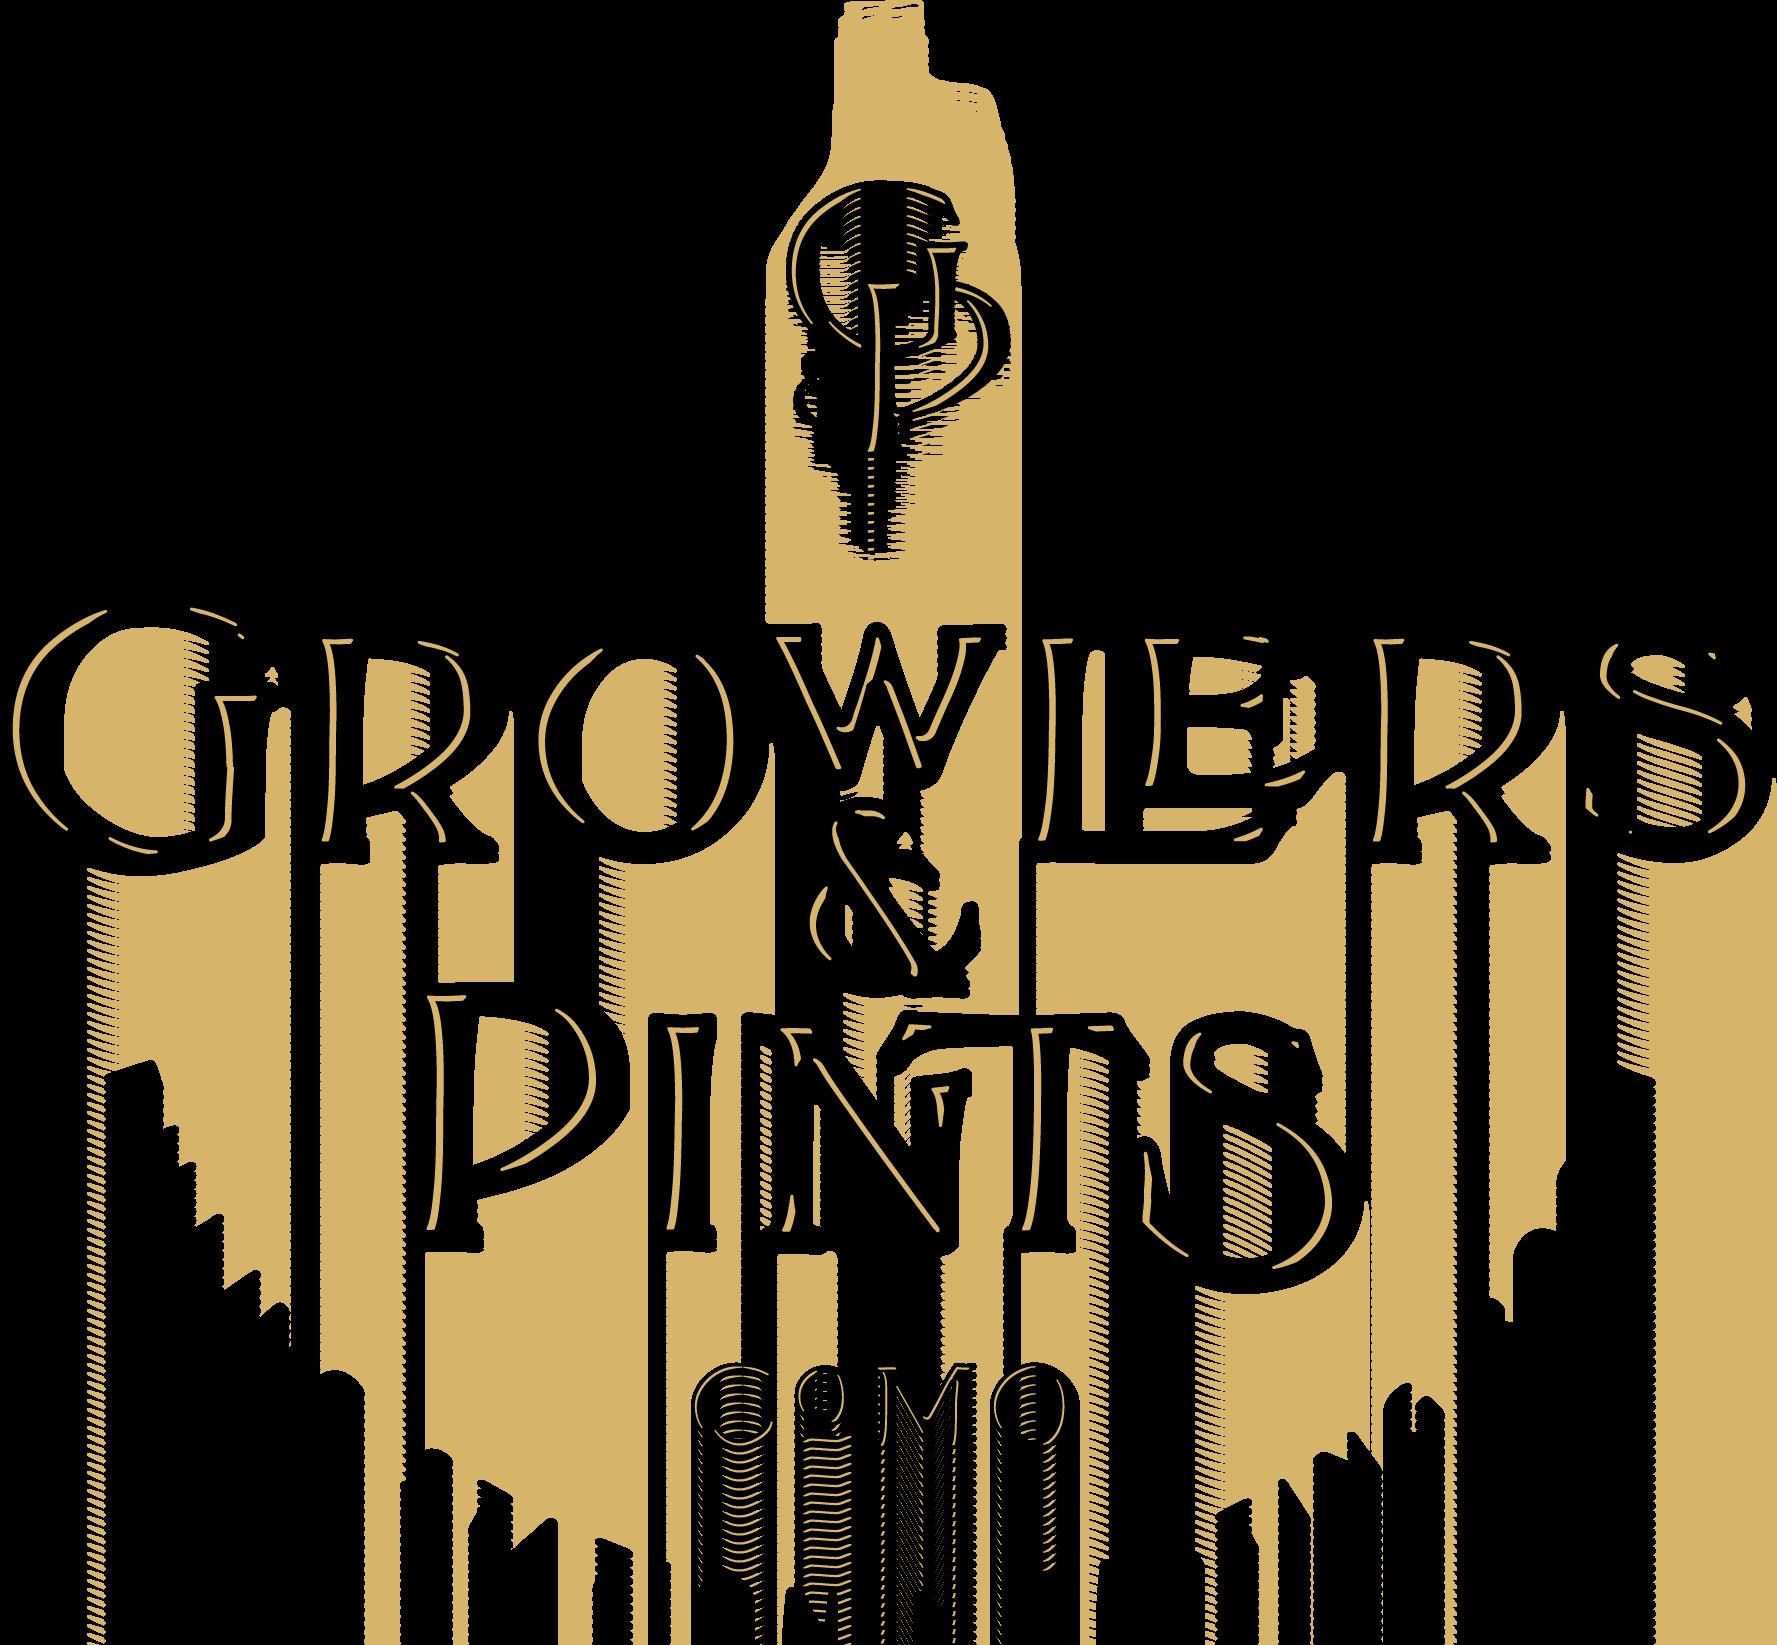 Design a vintage/modern vintage/hipster logo for a Growler Filling Station & Tasting Room